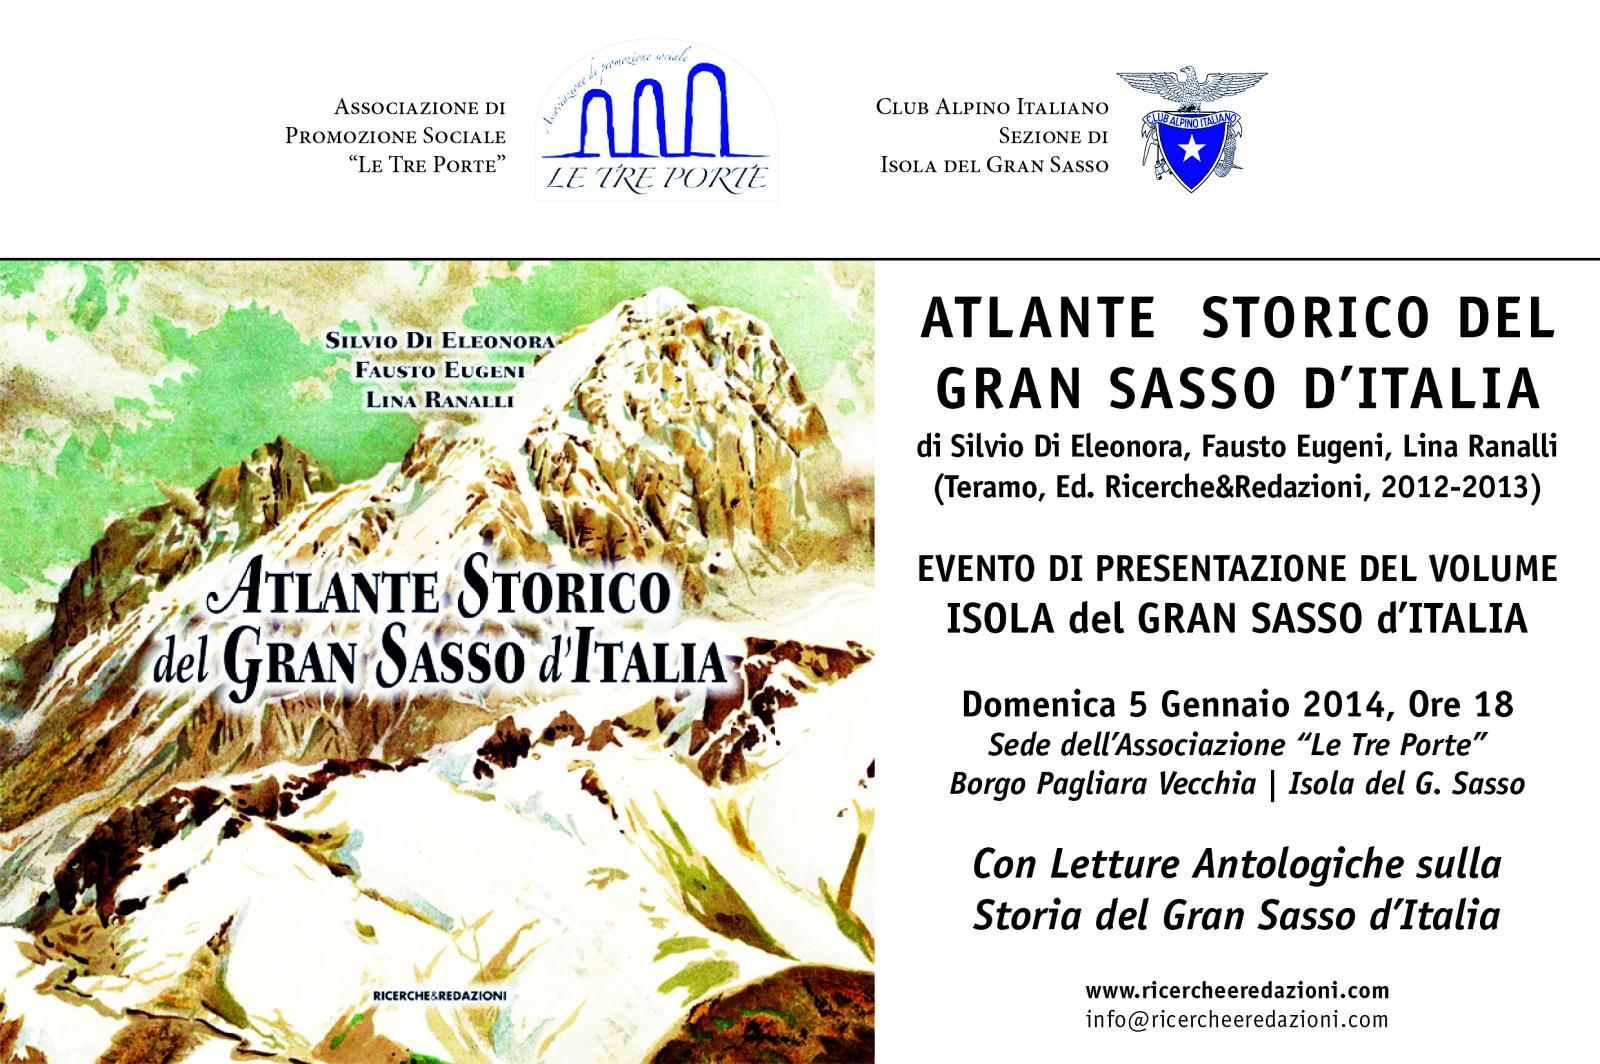 Un viaggio nella storia del Gran Sasso d'Italia